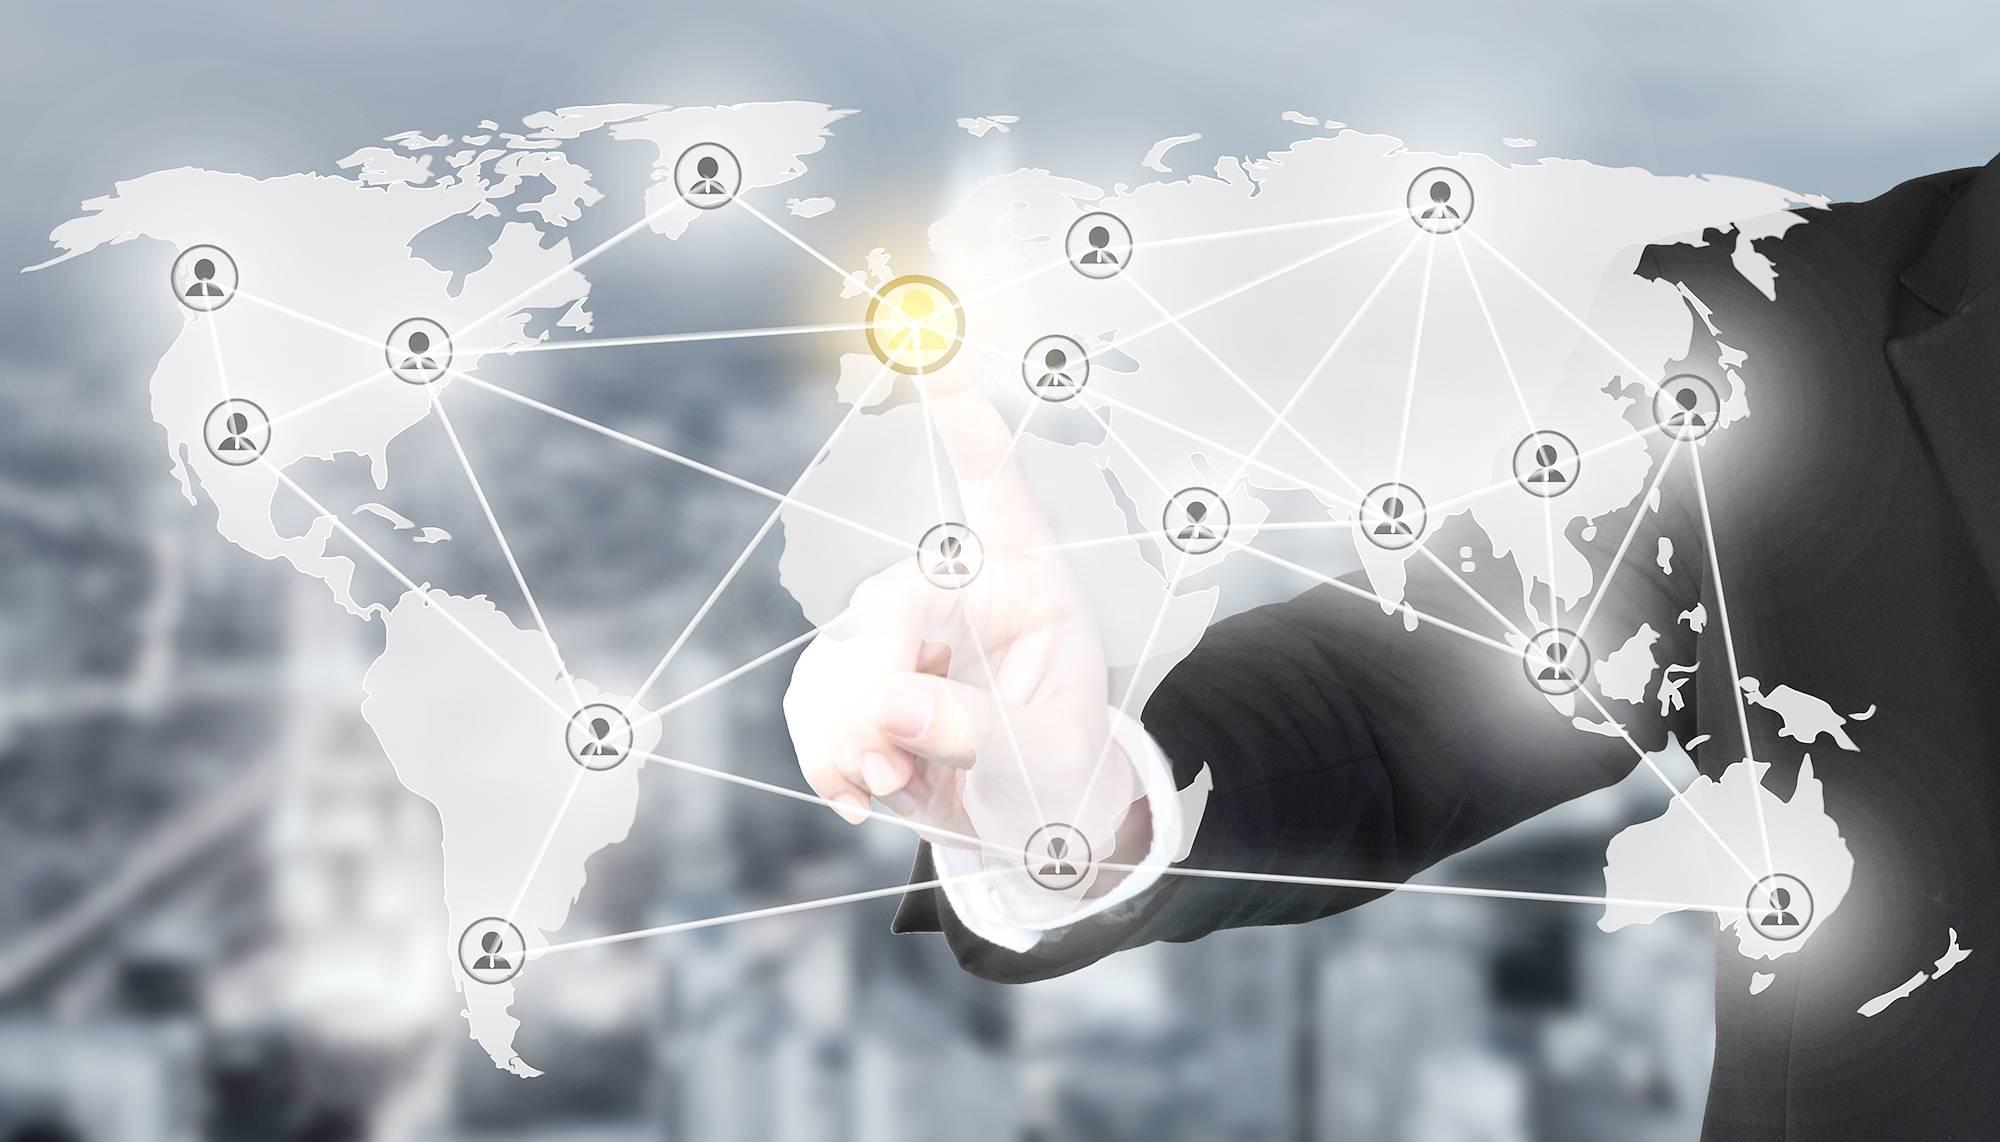 互联网专家团队(IAB ICANN和IETF任职)